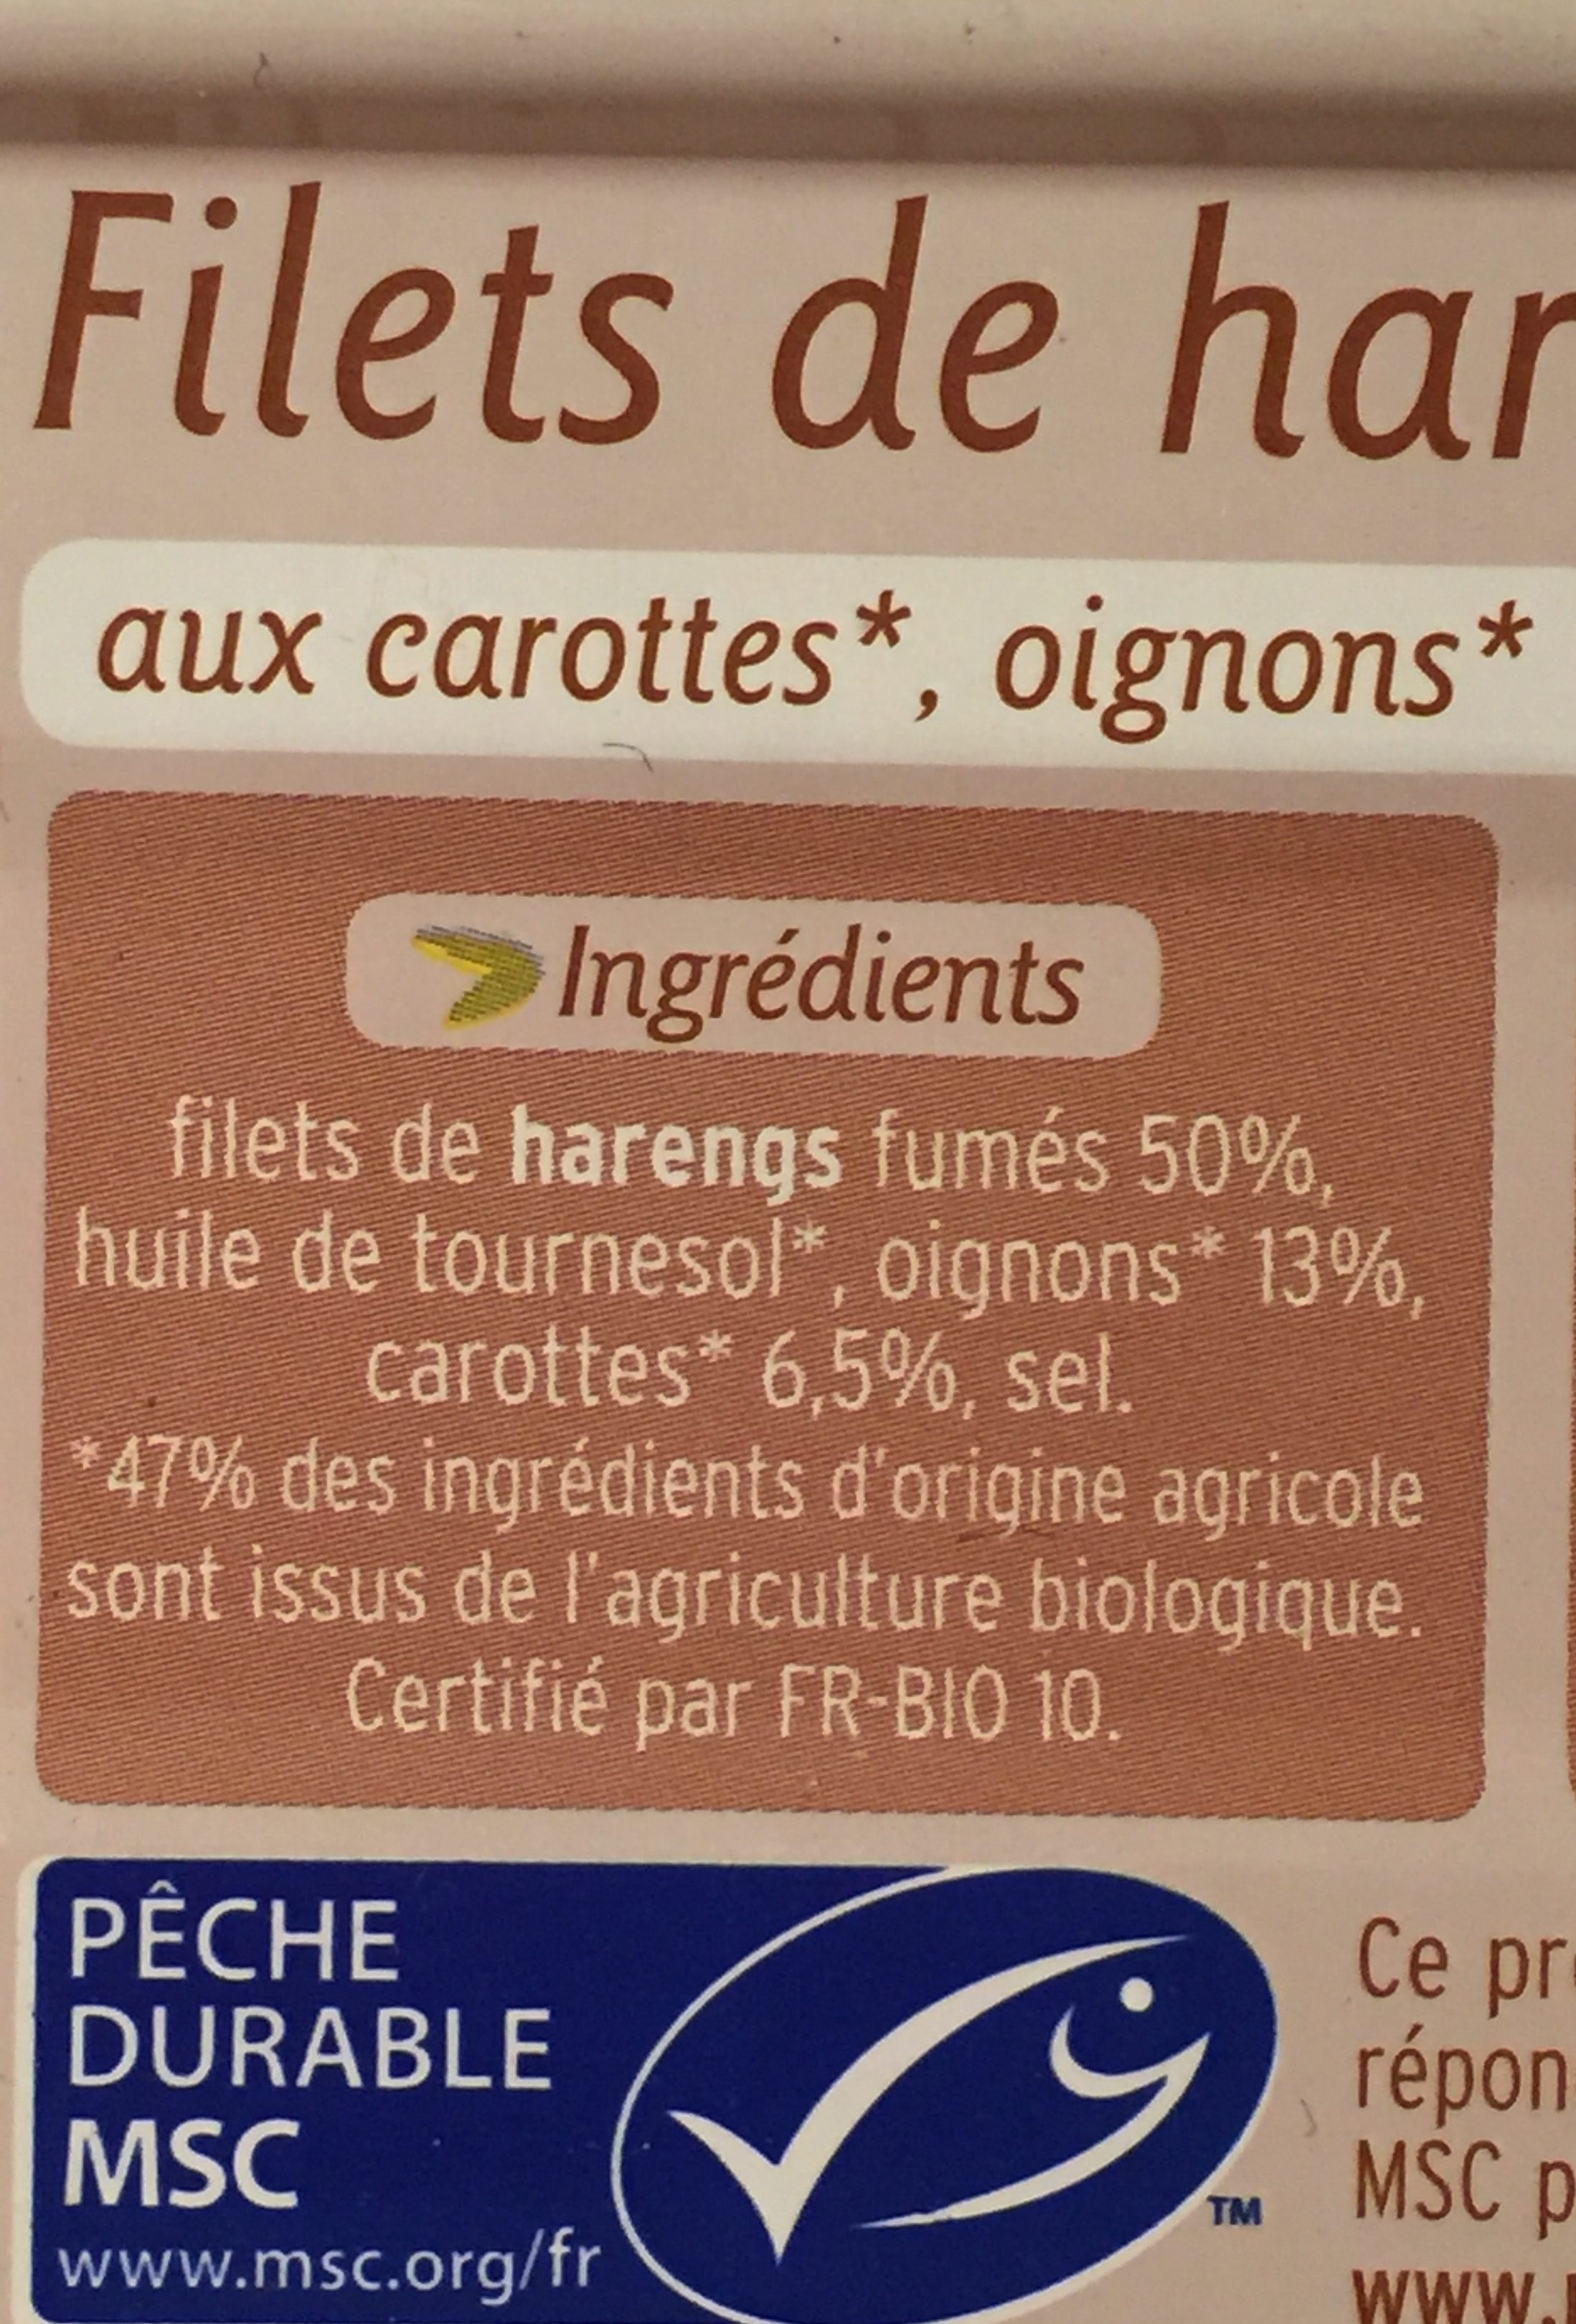 Filets de hareng fumés à l'huile de tournesol aux carottes oignons bio - Ingrédients - fr